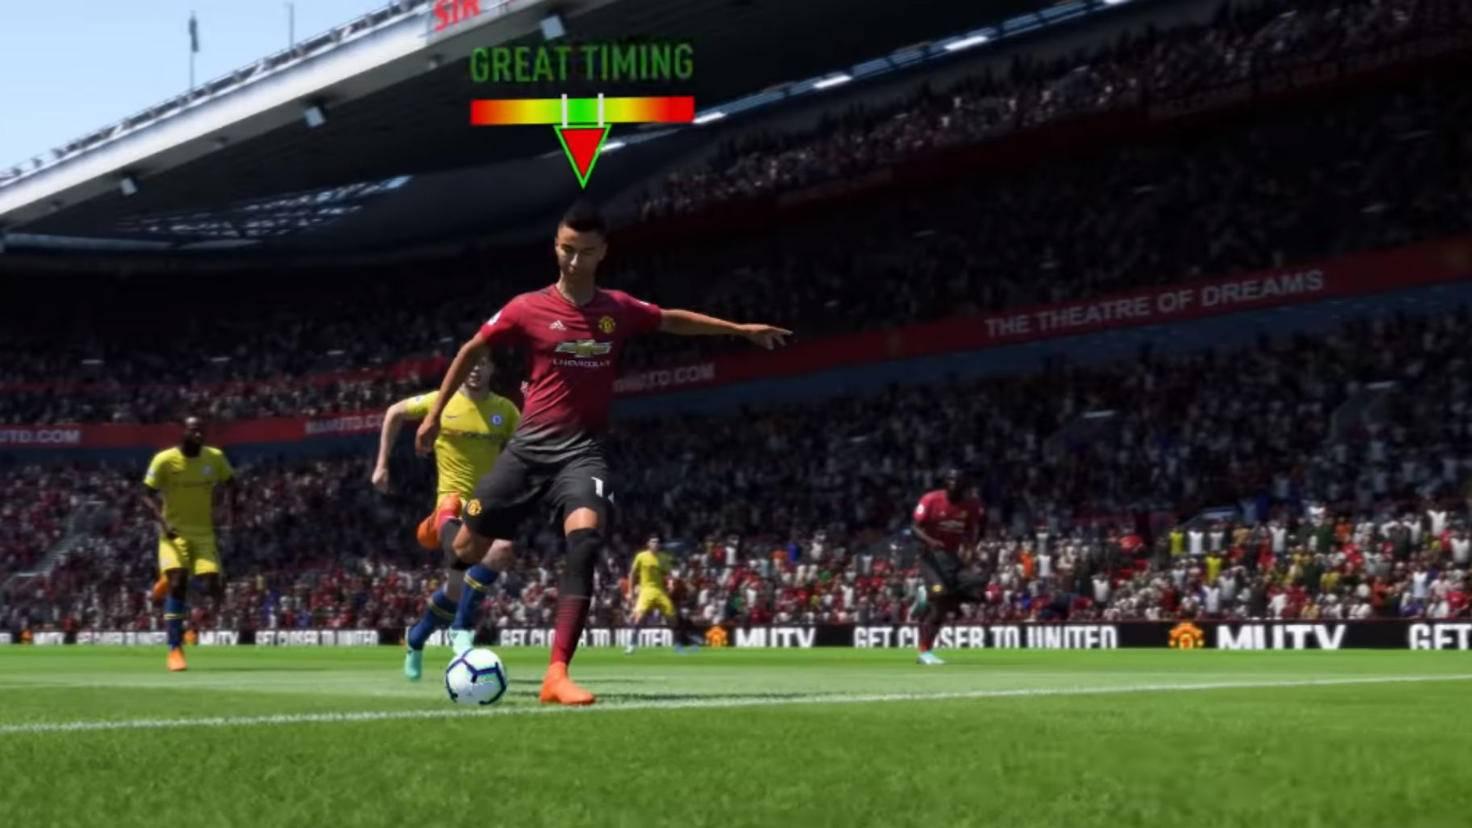 fifa-19-abschluss-timing-screenshot-trailer